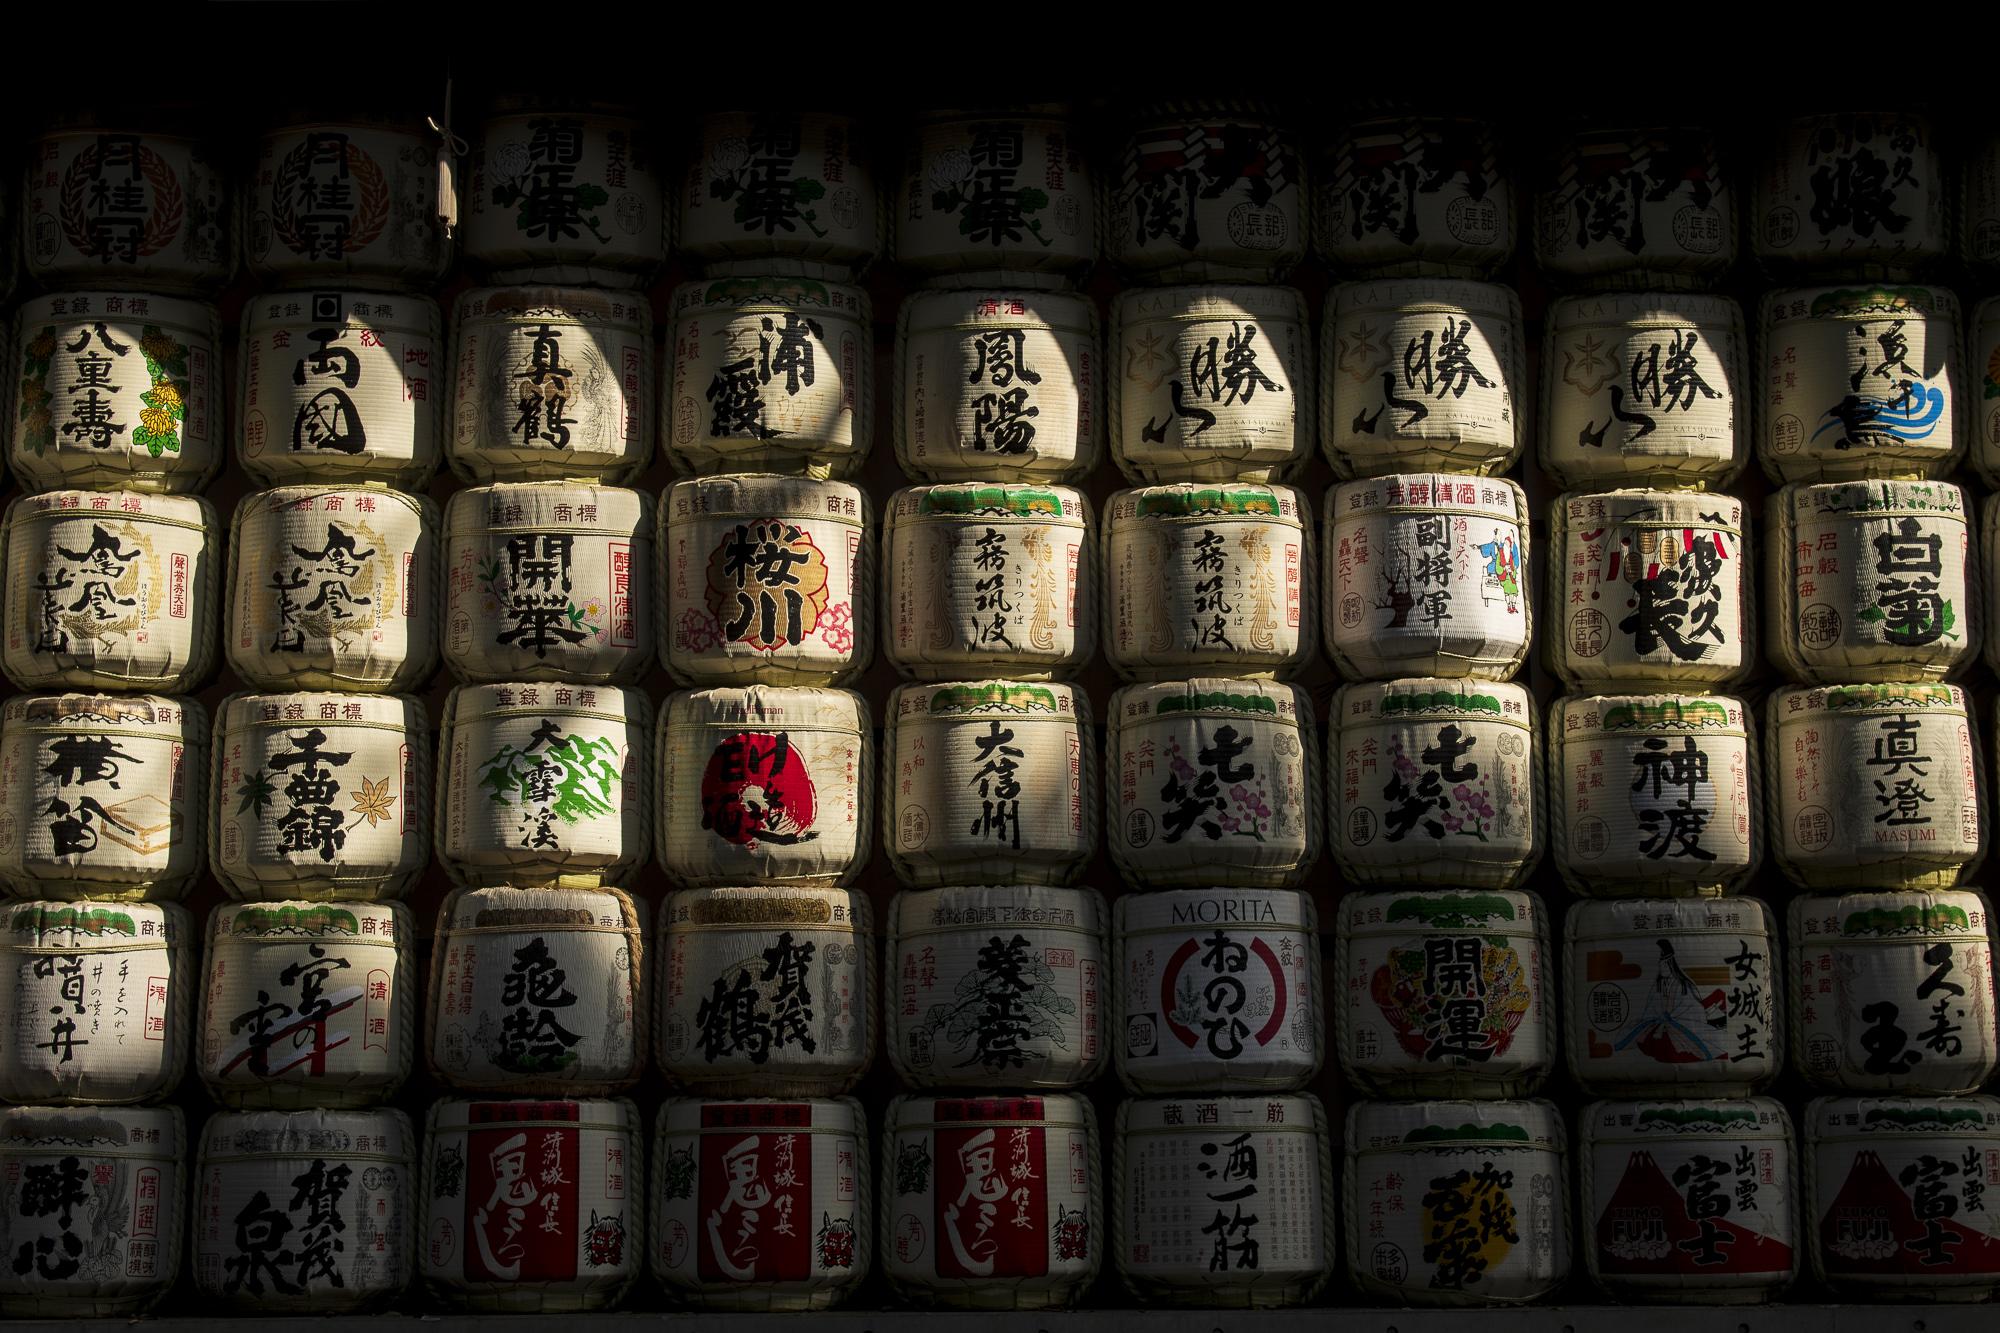 Meiji Shrine  PHOTOGRAPHY: ALEXANDER J.E. BRADLEY • NIKON D500 • AF-S NIKKOR 24-70MM Ƒ/2.8G ED @ 35MM • Ƒ/8 • 1/250 • ISO 100